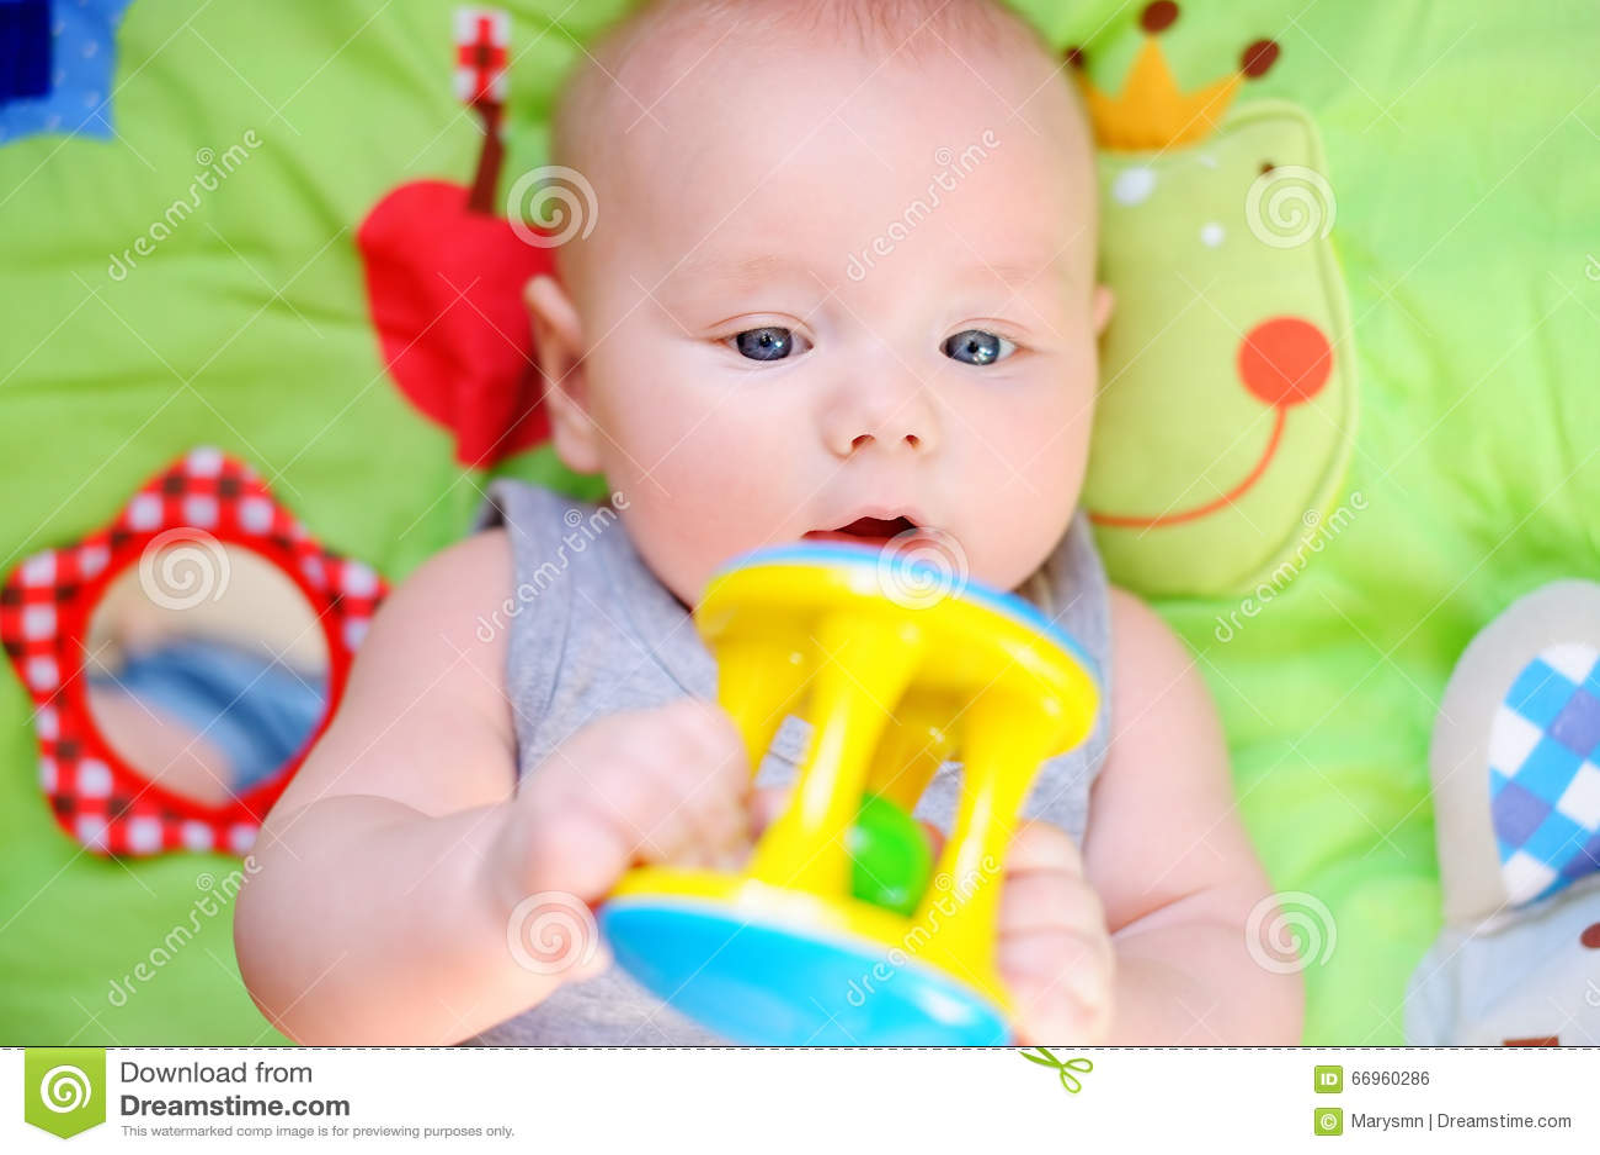 10, jouet, vieux, coloré, mois, bébé, portrait, tour, jouer